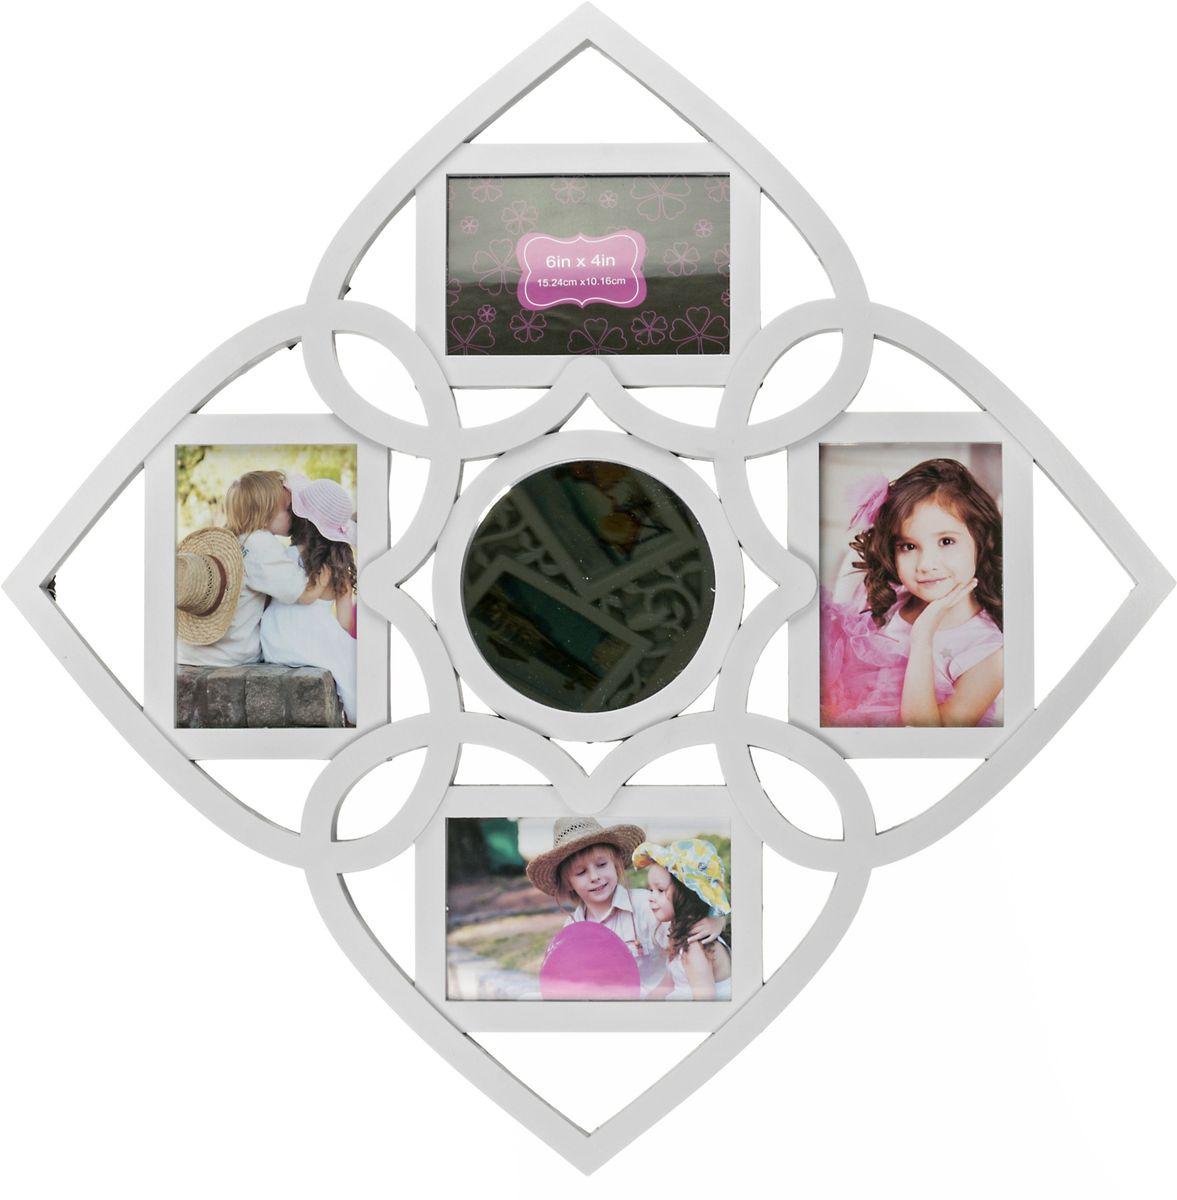 Фоторамка Platinum, с круглым зеркалом, цвет: белый, на 4 фотоBIN-1122552-White-БелыйФоторамка Platinum - прекрасный способ красиво оформить ваши фотографии. Фоторамка выполнена из пластика и защищена стеклом. Фоторамка-коллаж представляет собой четыре фоторамки для фото одного размера оригинально соединенных между собой. В центре фоторамки имеется круглое зеркало. Такая фоторамка поможет сохранить в памяти самые яркие моменты вашей жизни, а стильный дизайн сделает ее прекрасным дополнением интерьера комнаты. Фоторамка подходит для фотографий 10 х 15 см. Общий размер фоторамки: 59 х 59 см.